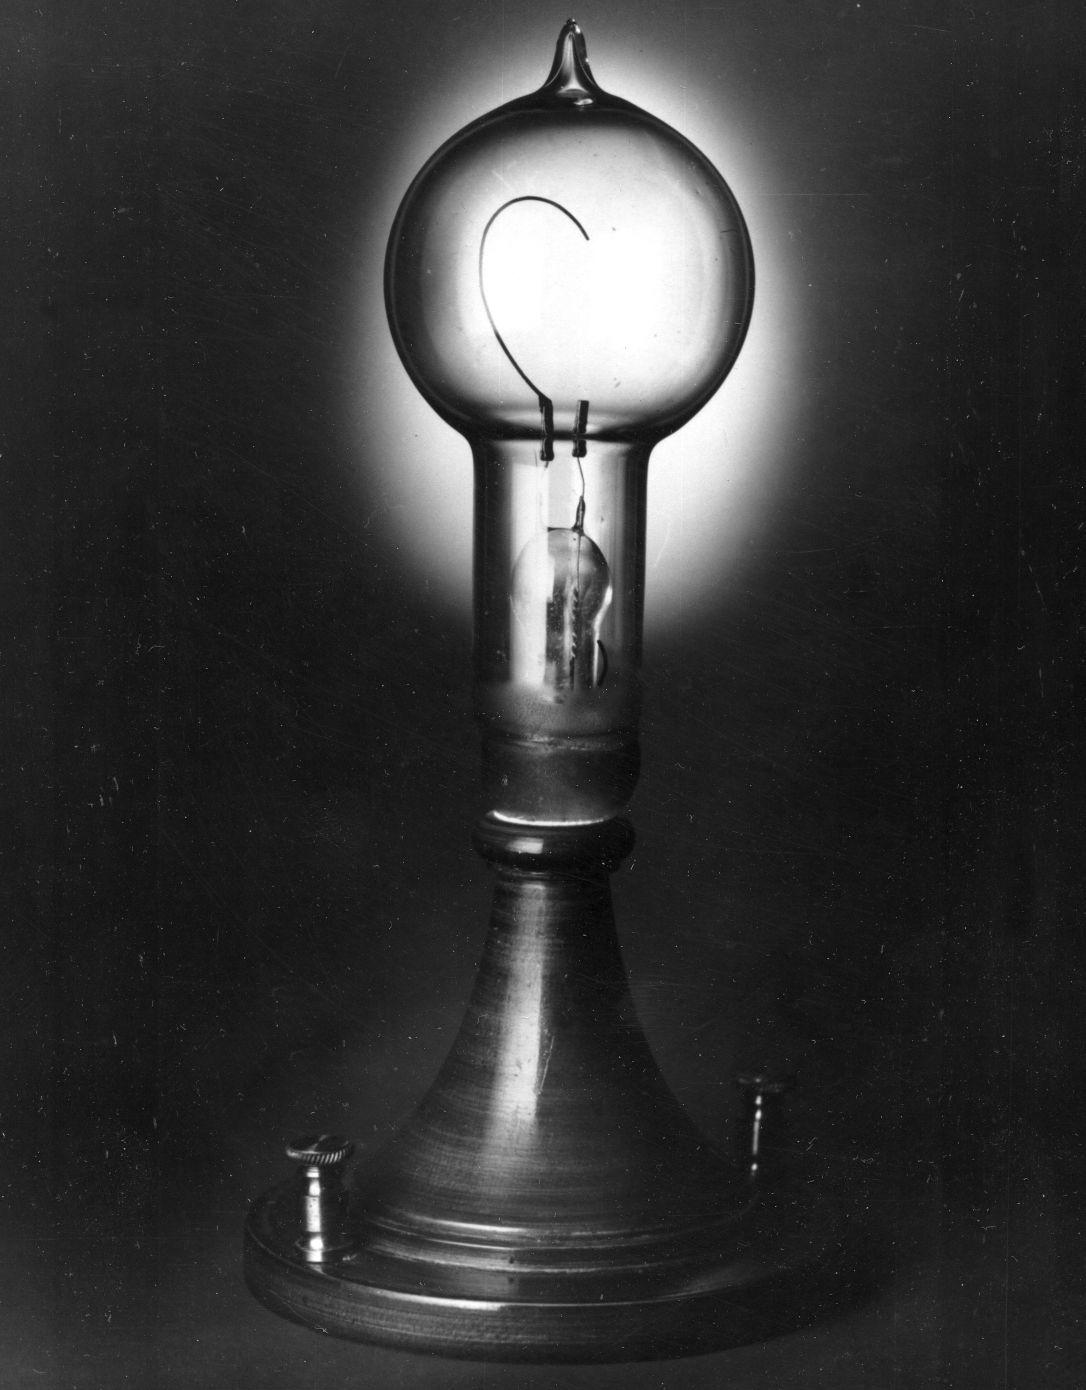 1880: Thomas Edison